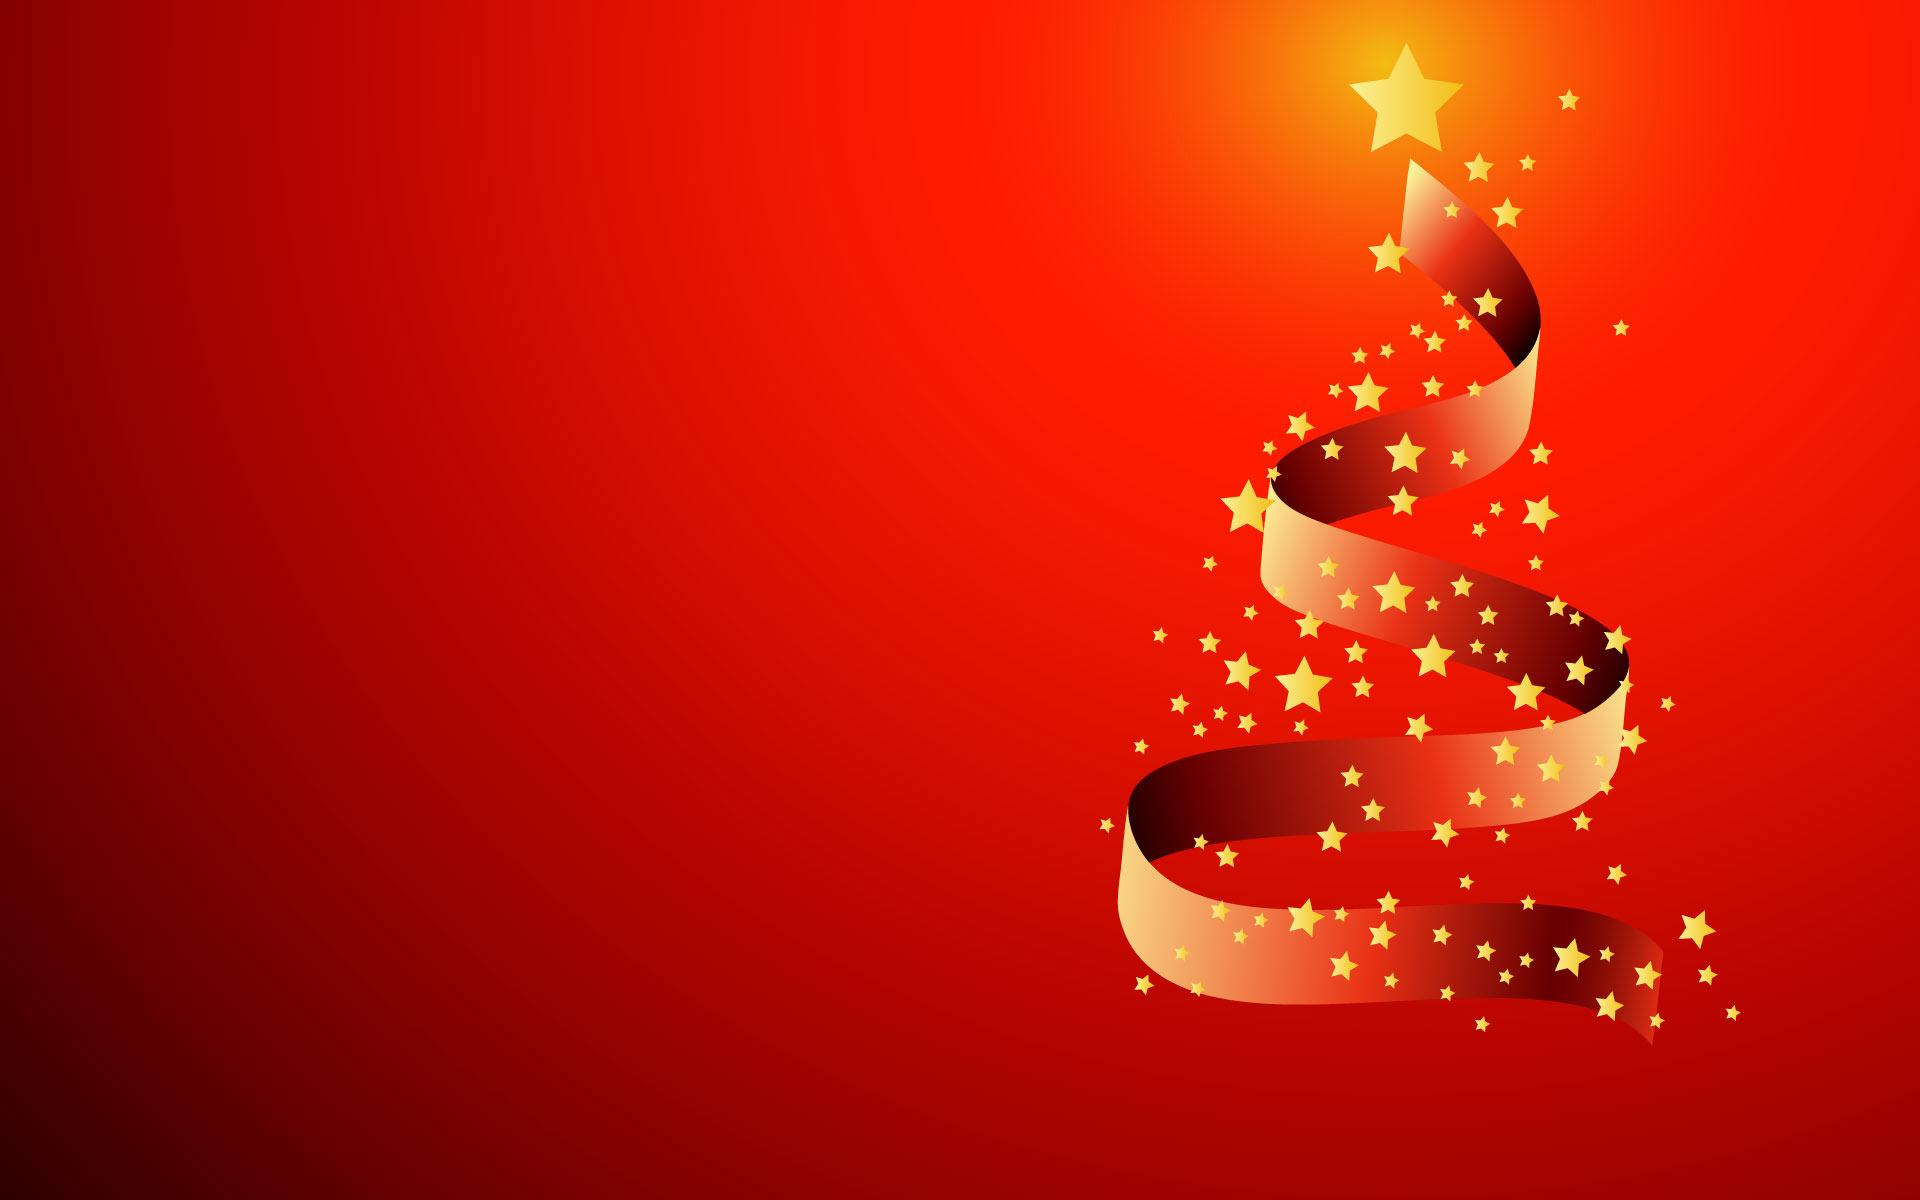 Sfondi Natale - Sfondo Natale con albero